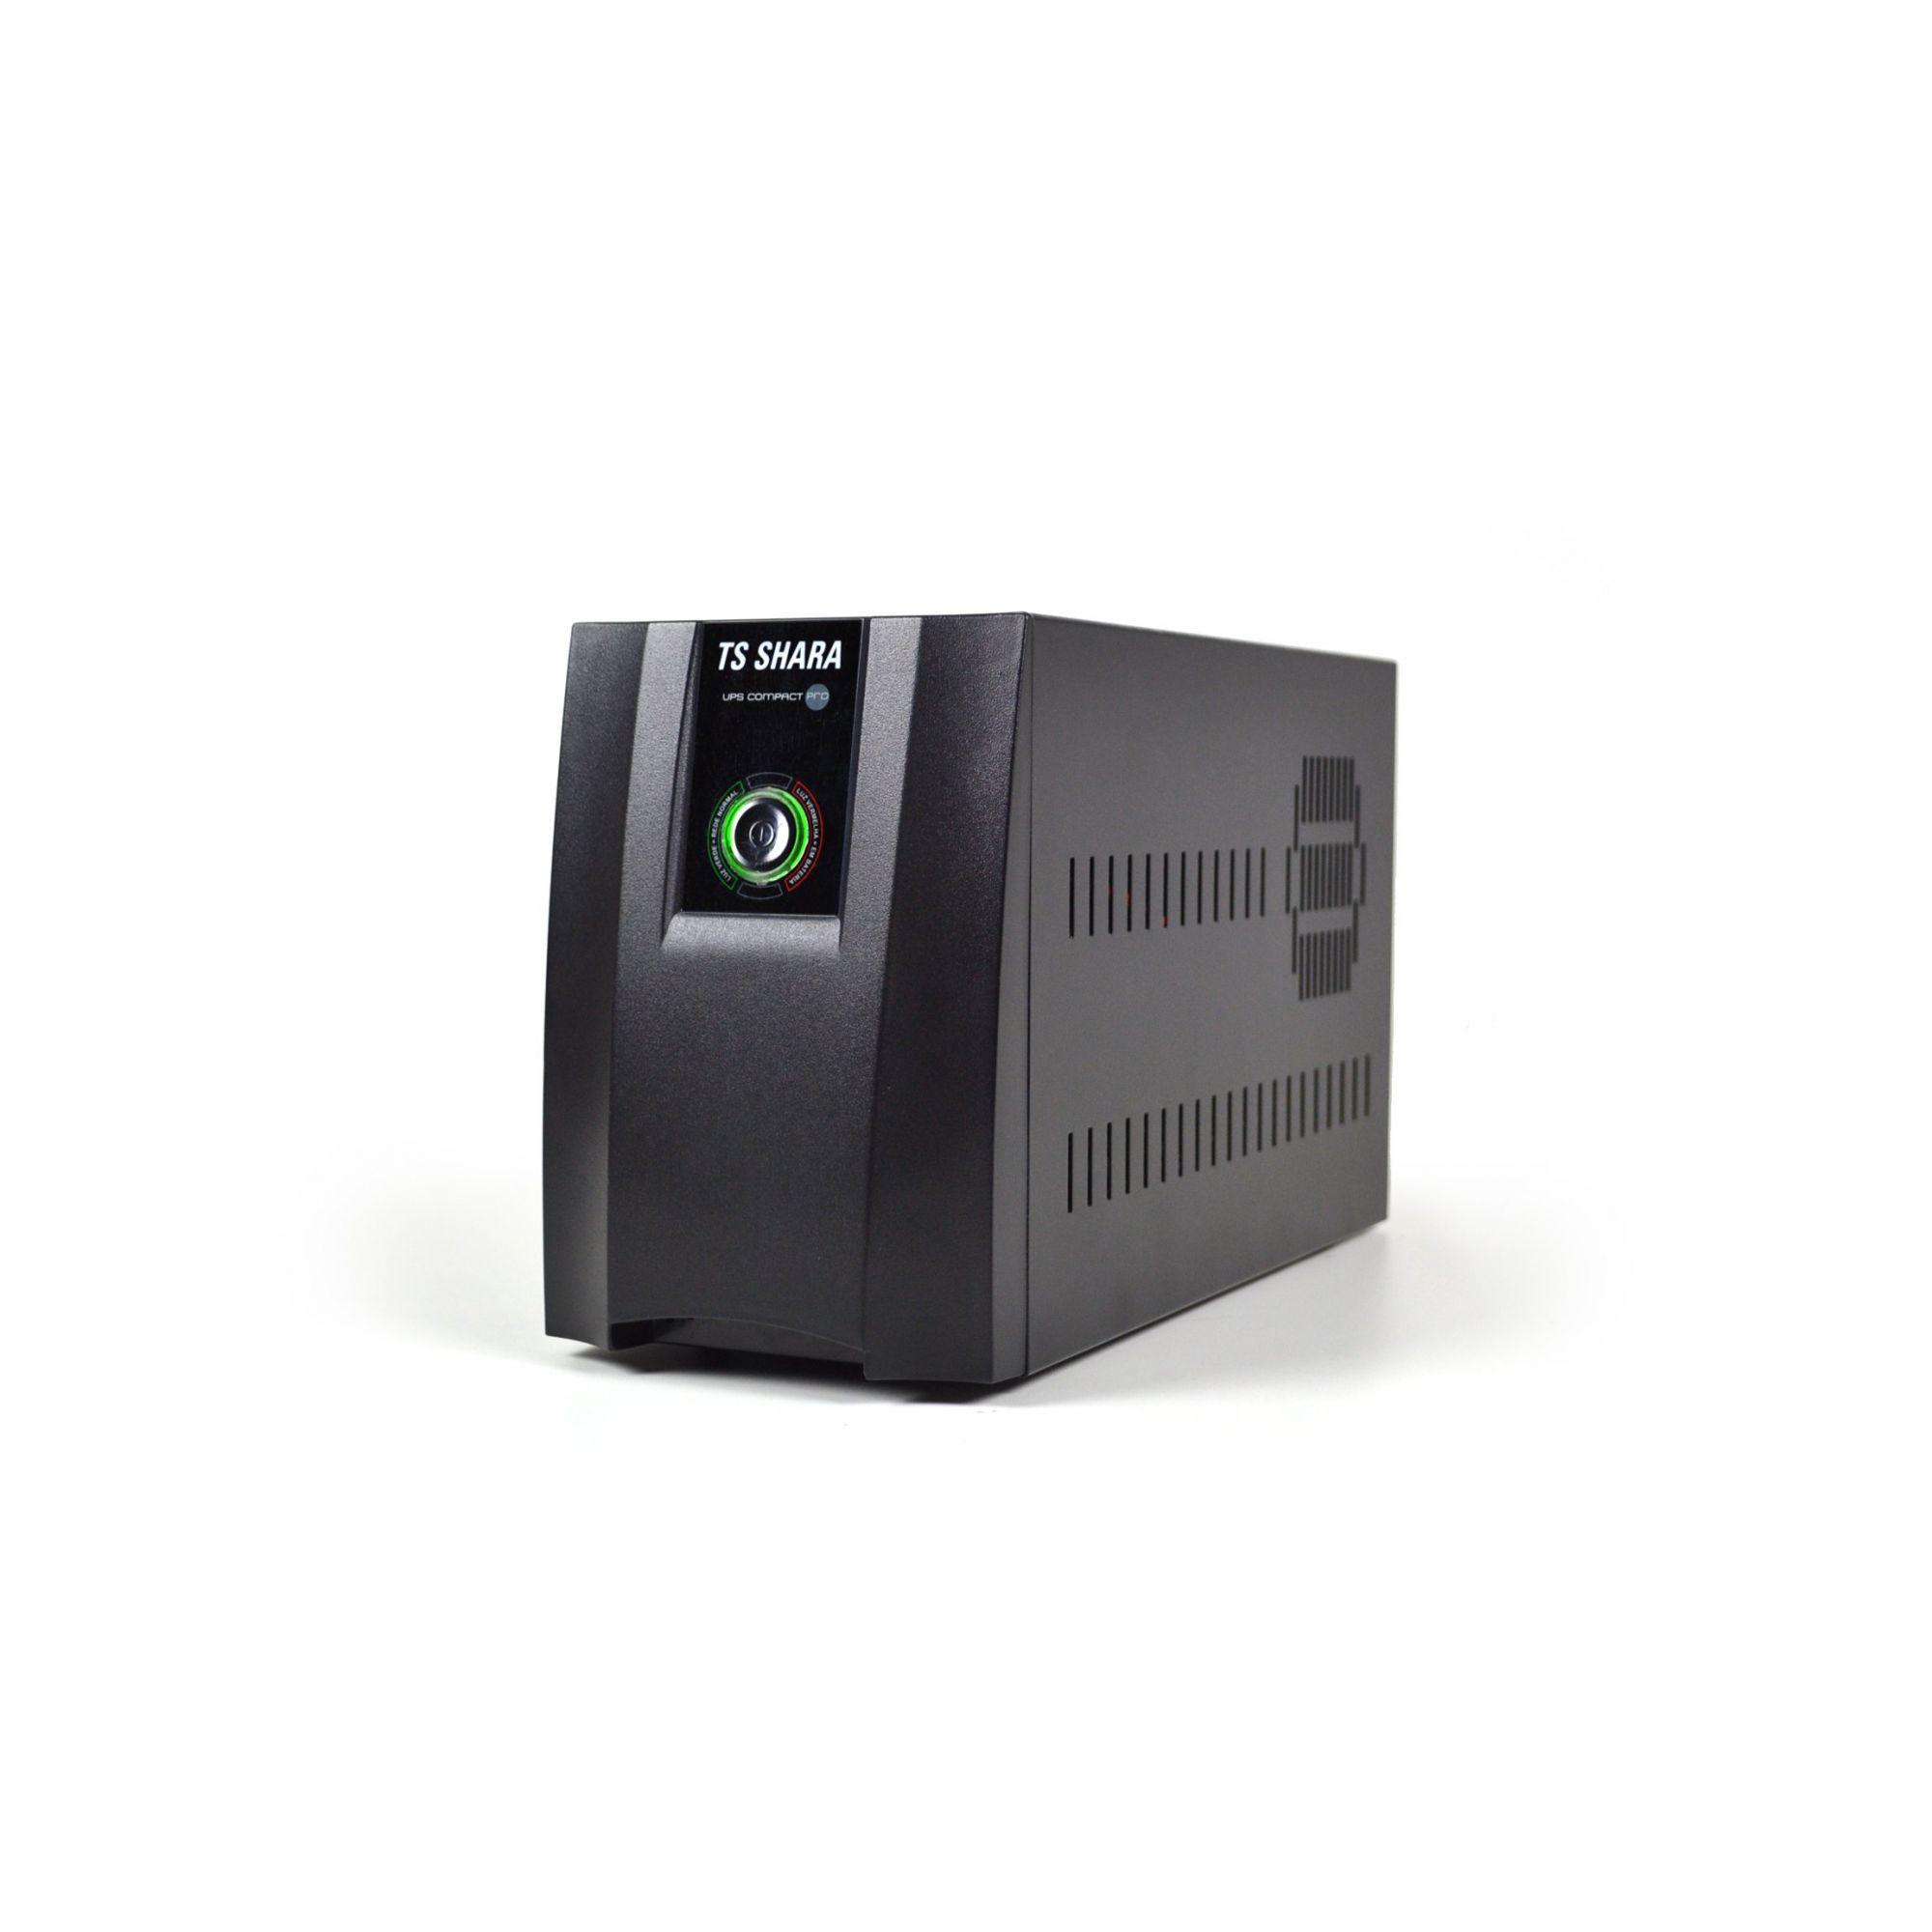 Nobreak UPS Compact Pro 1400 Bivolt 220/115 6t  4430 - Ts Shara